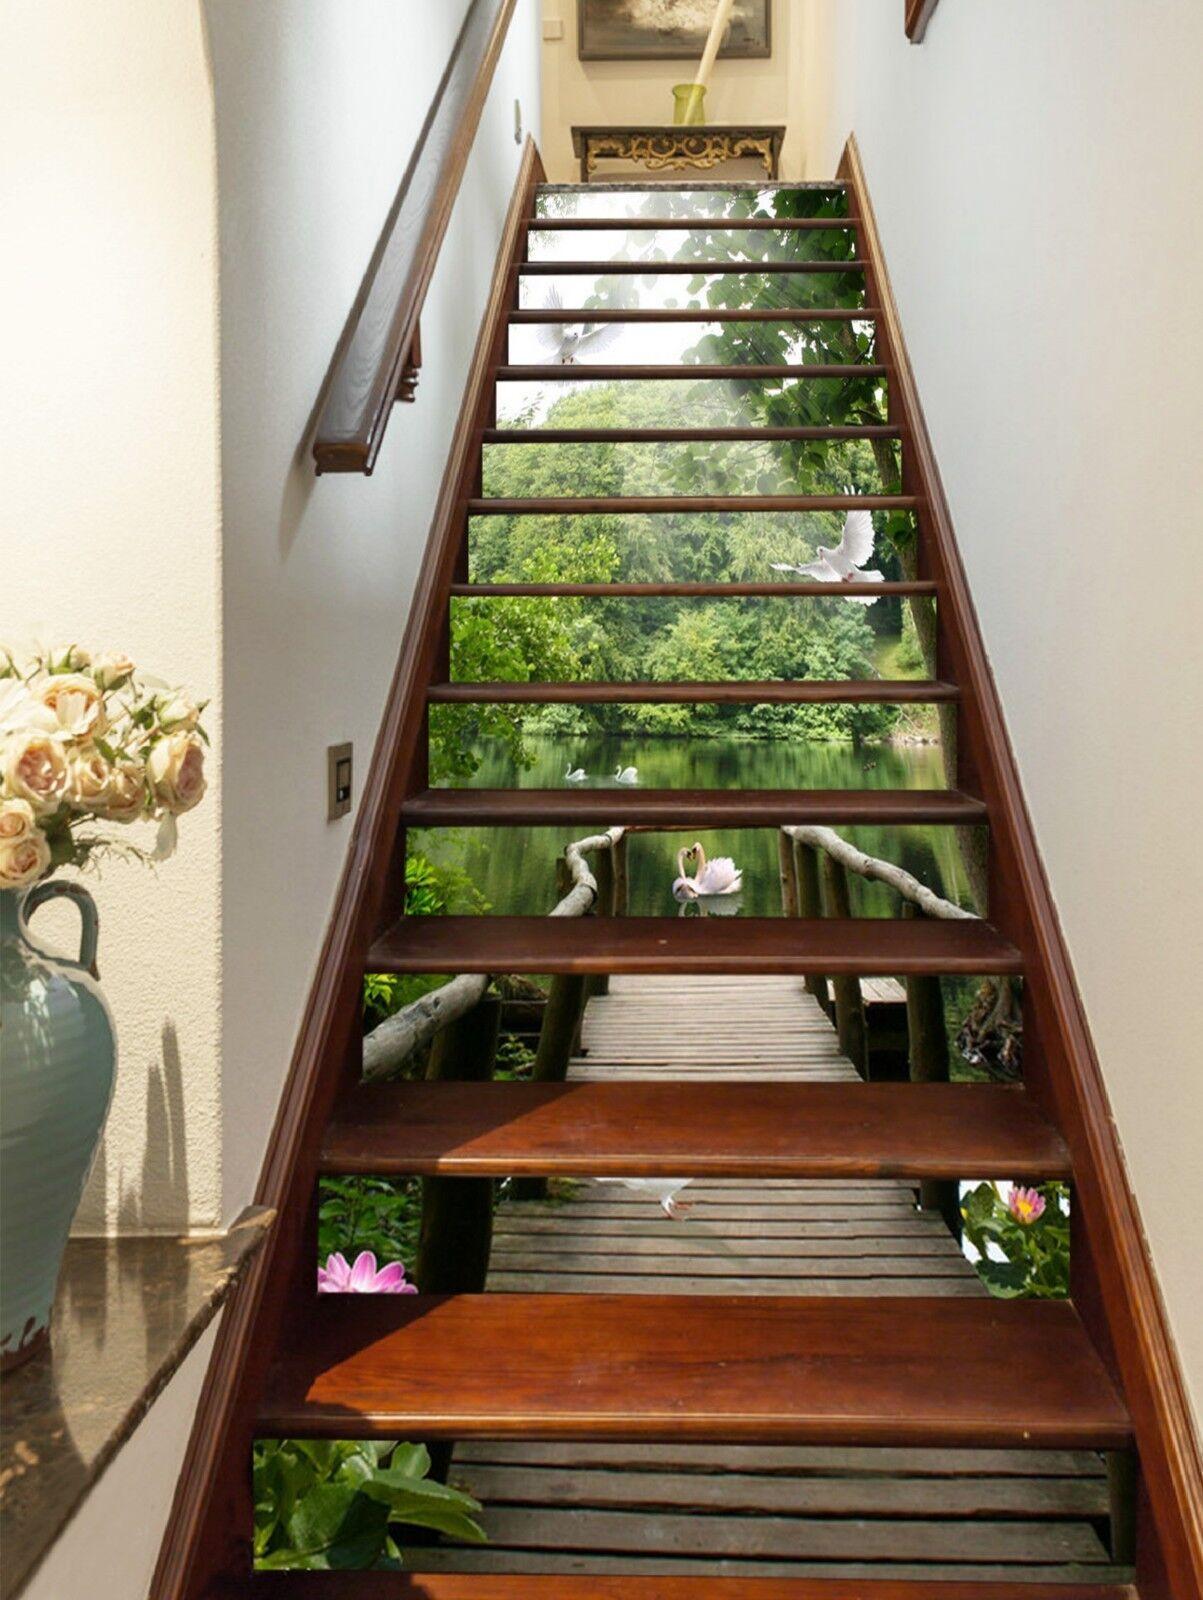 3D Bridge Lotu View Stair Risers Decoration Photo Mural Vinyl Decal Wallpaper CA